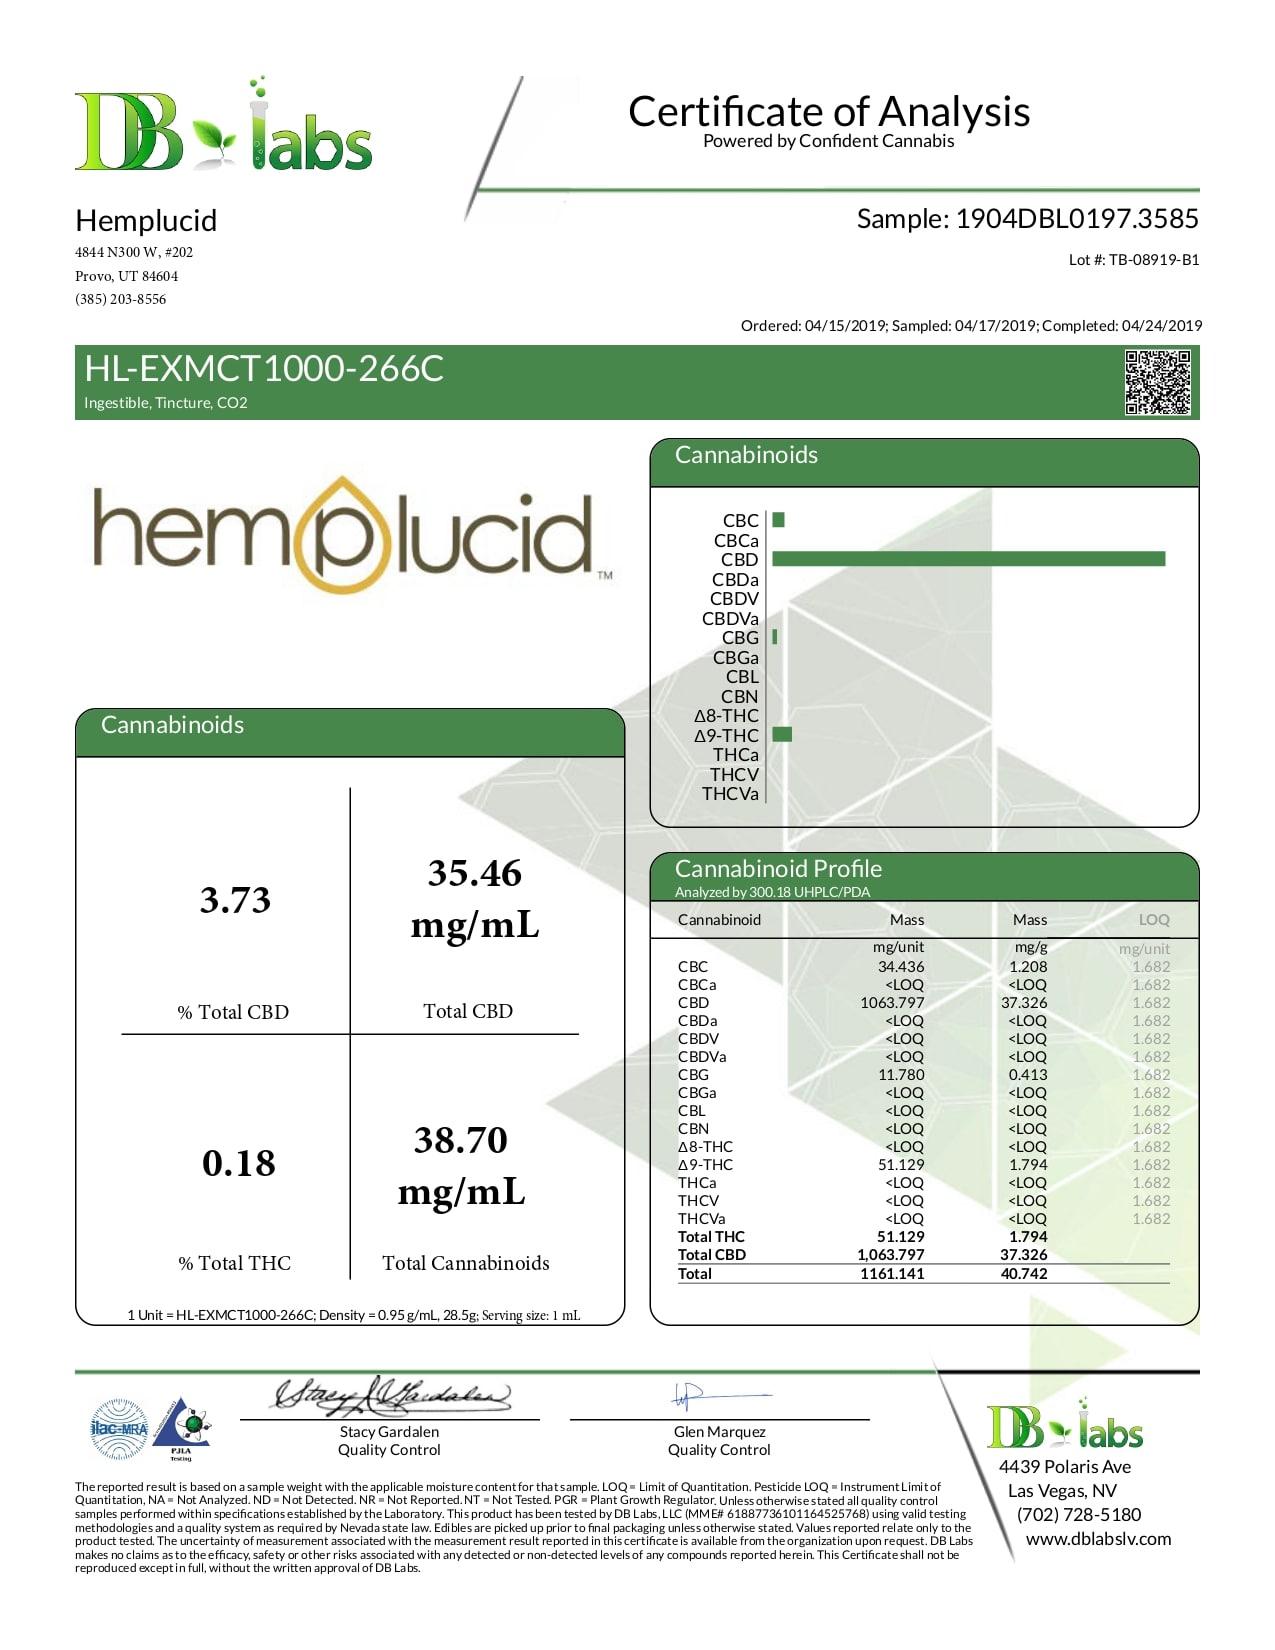 Hemplucid Full Spectrum CBD in MCT Oil 1000mg Lab Report